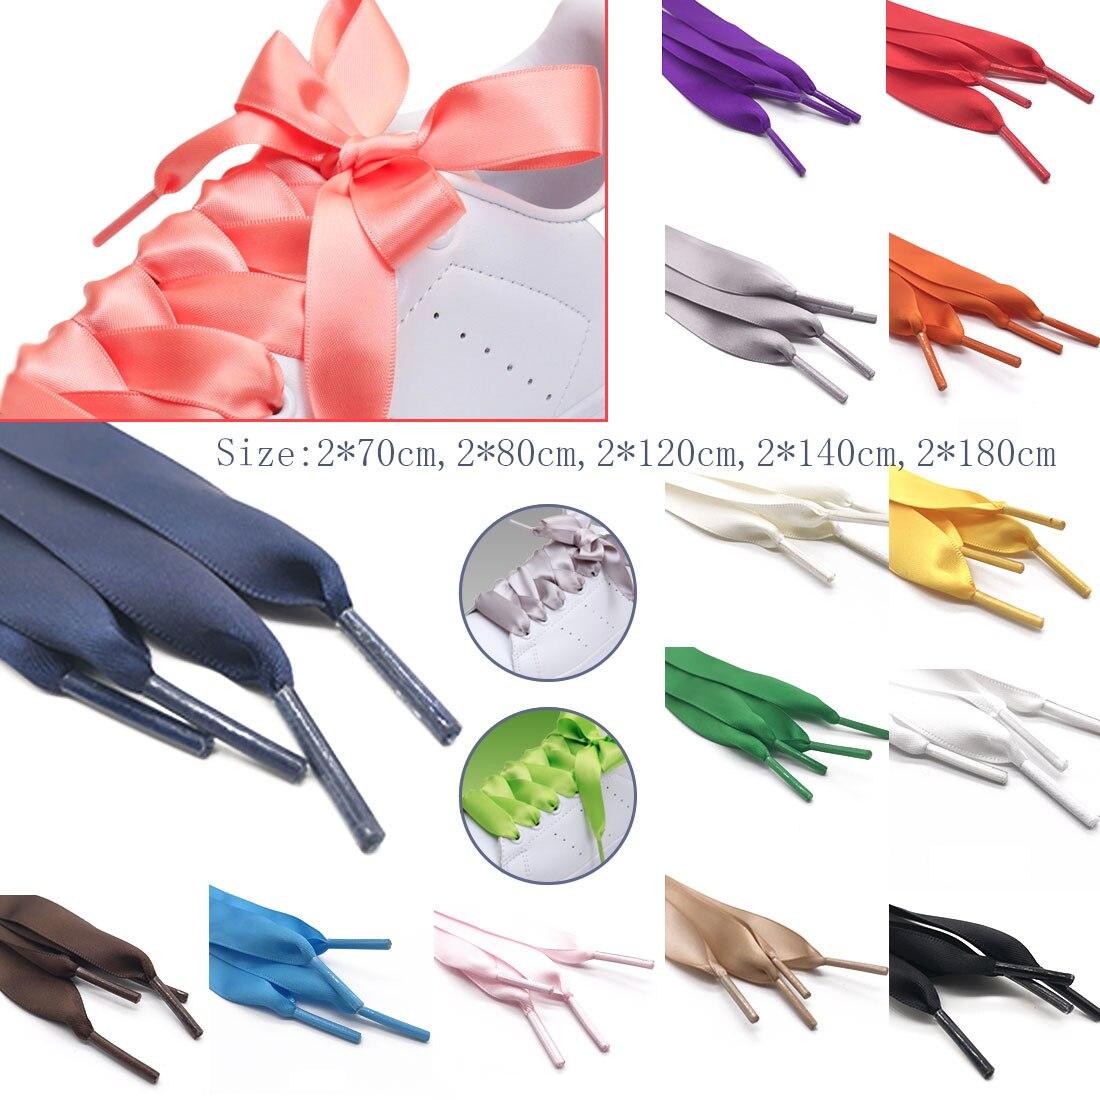 1 Paar Farben Frauen Sneaker Schnürsenkel 80/120/140 Cm Länge 2 Cm Breite Silk Flache Schnürsenkel Lacets Neue Satin Silk Band Schnürsenkel